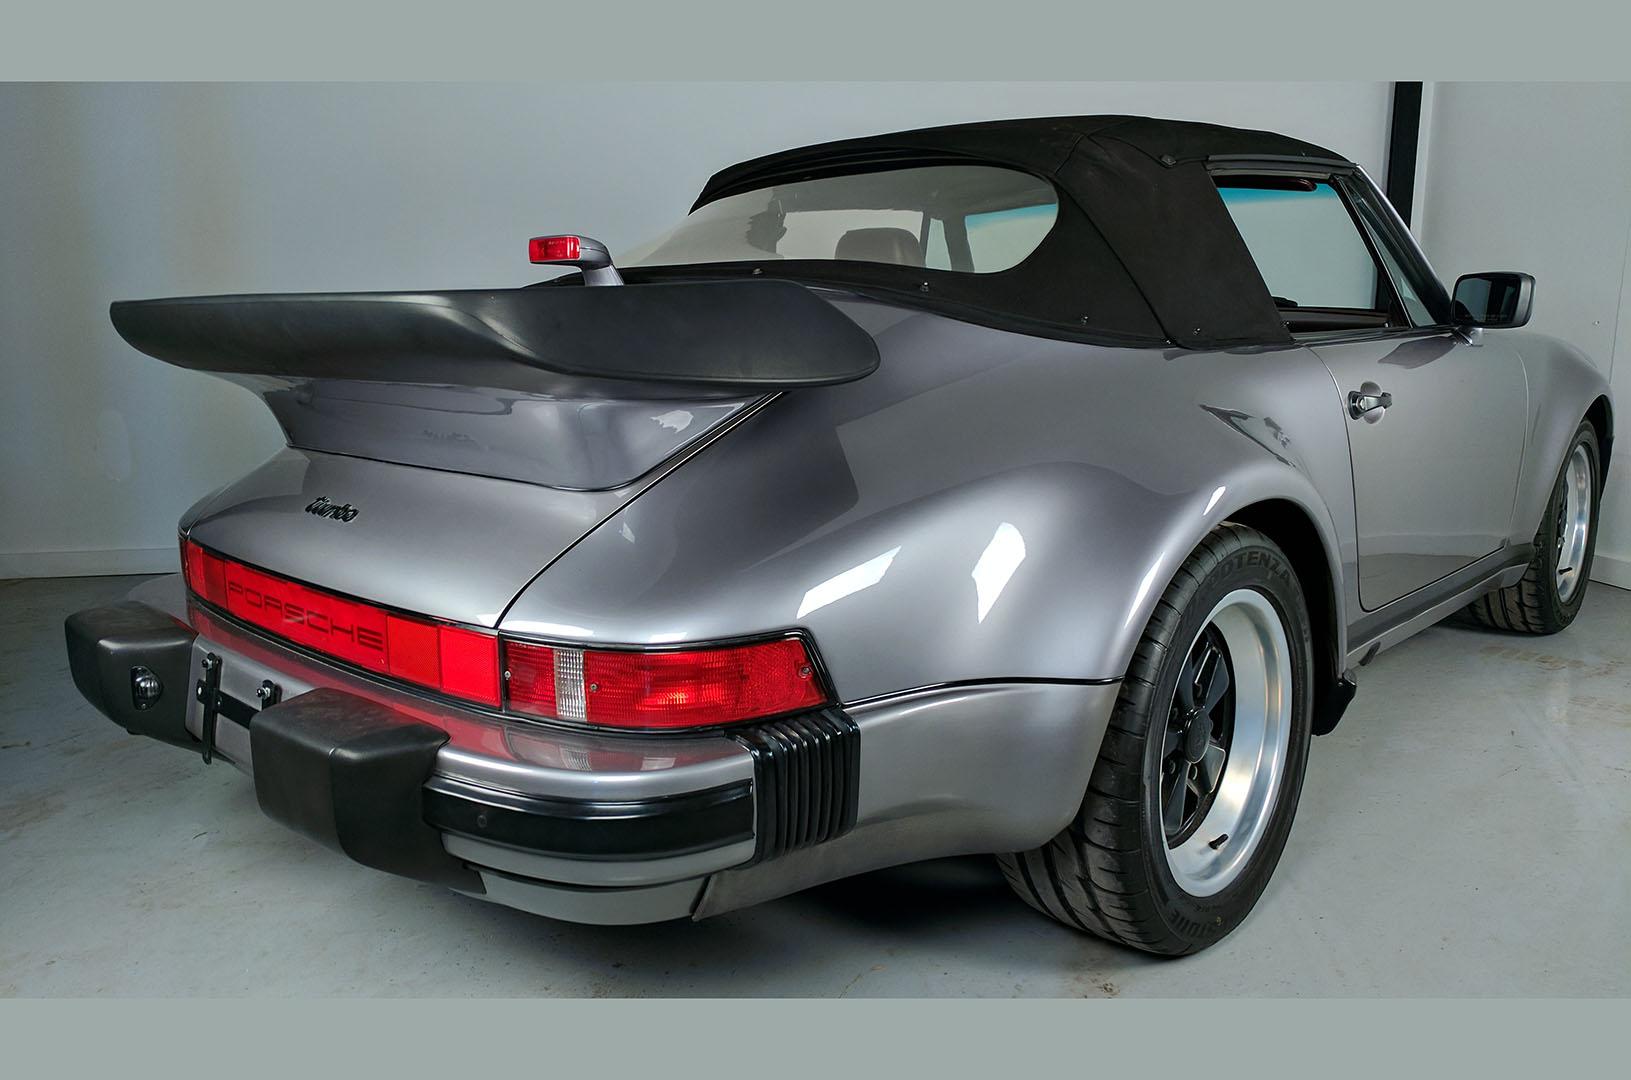 1989G_Porsche_911_Turbo_Cabriolet_Grey_003.jpg